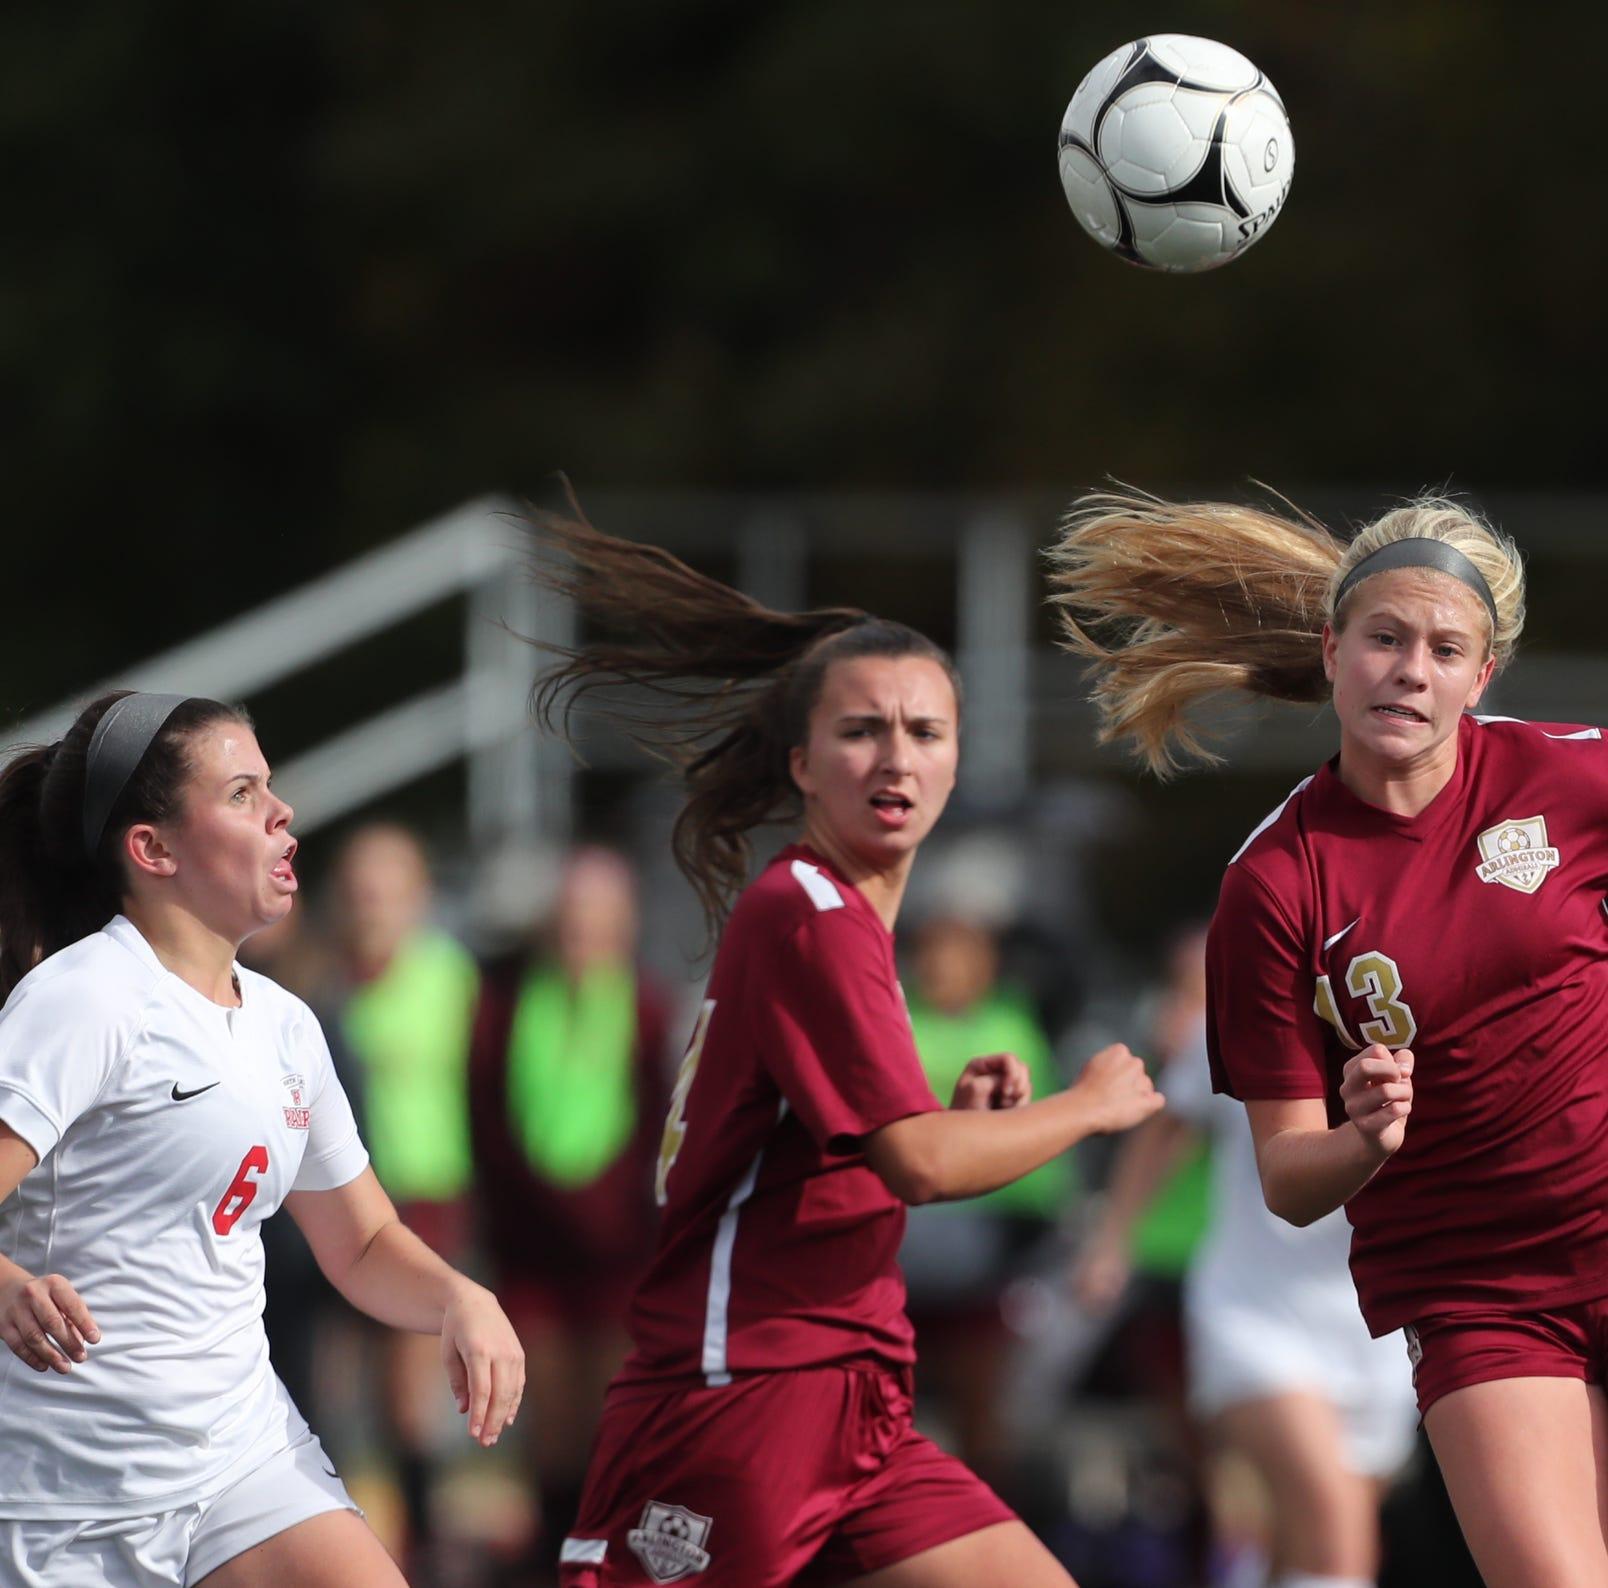 Girls soccer: Final power rankings for the 2018 season